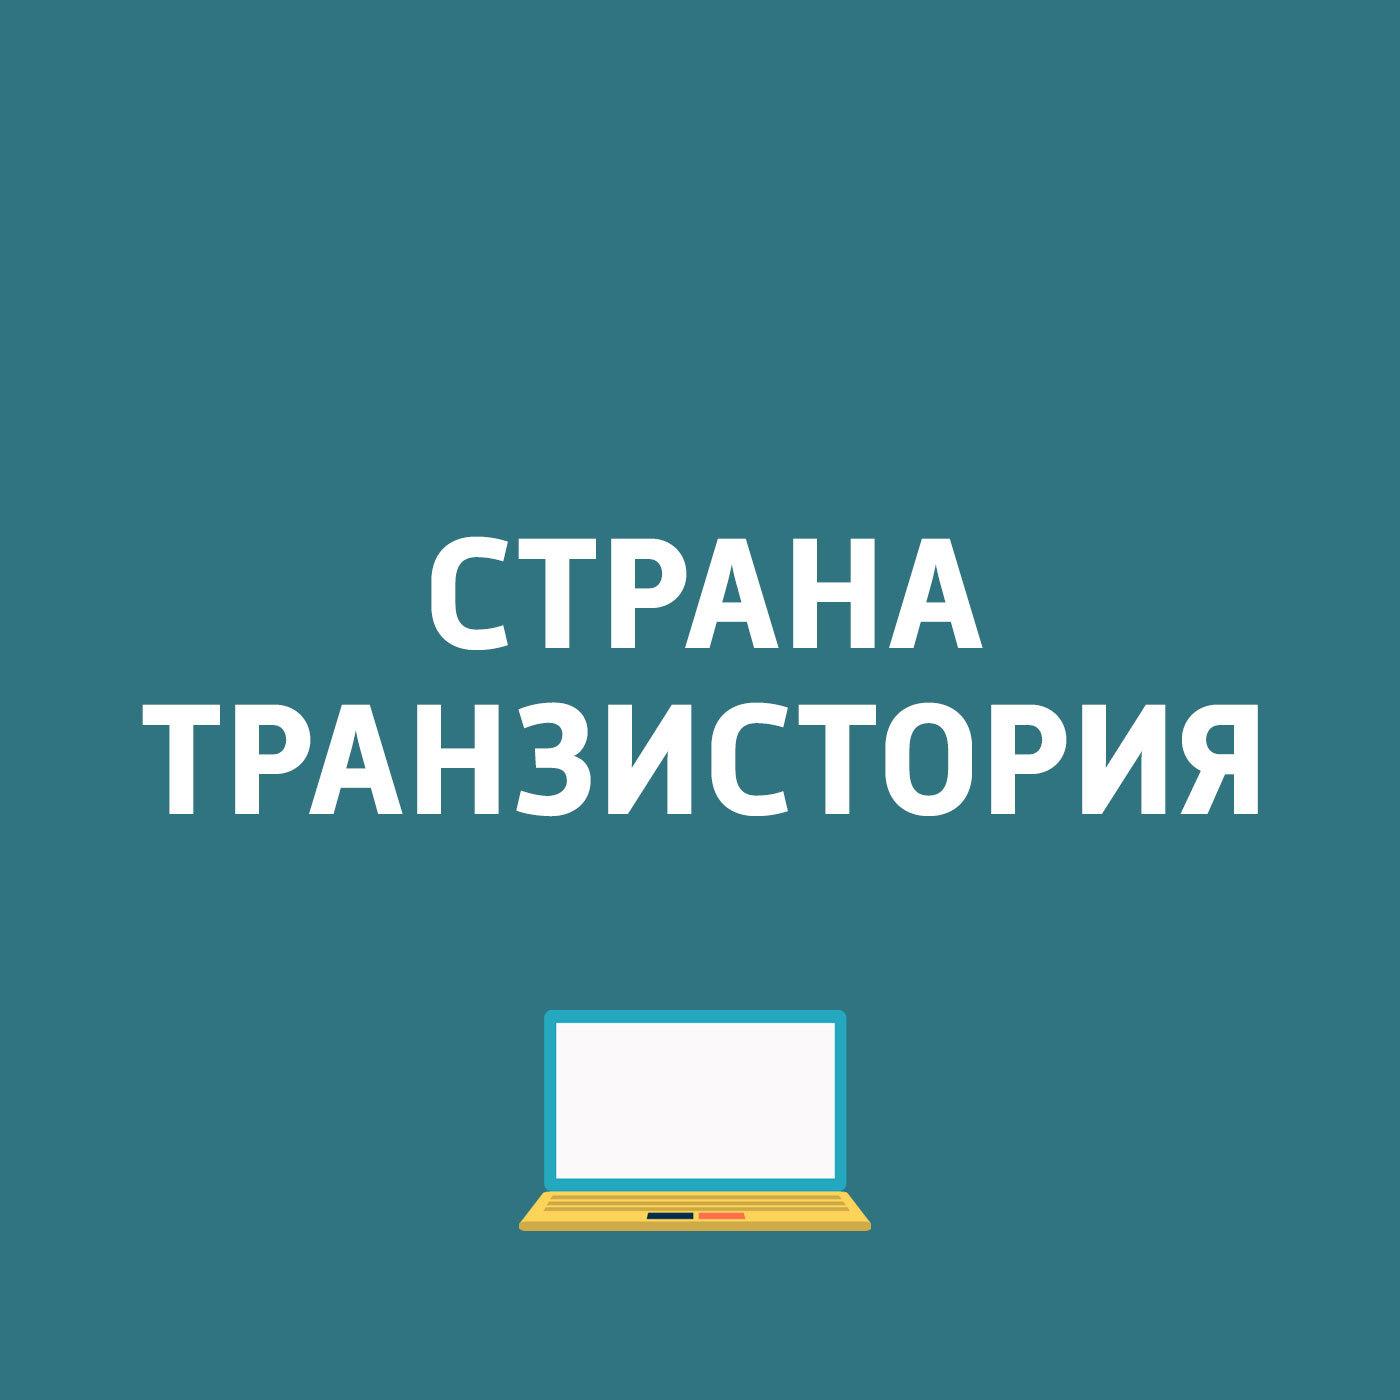 Картаев Павел Redmi S2; ZTE полностью остановила производство смартфонов; Российское мобильное приложение для перевода денег по QR-коду через социальные сети